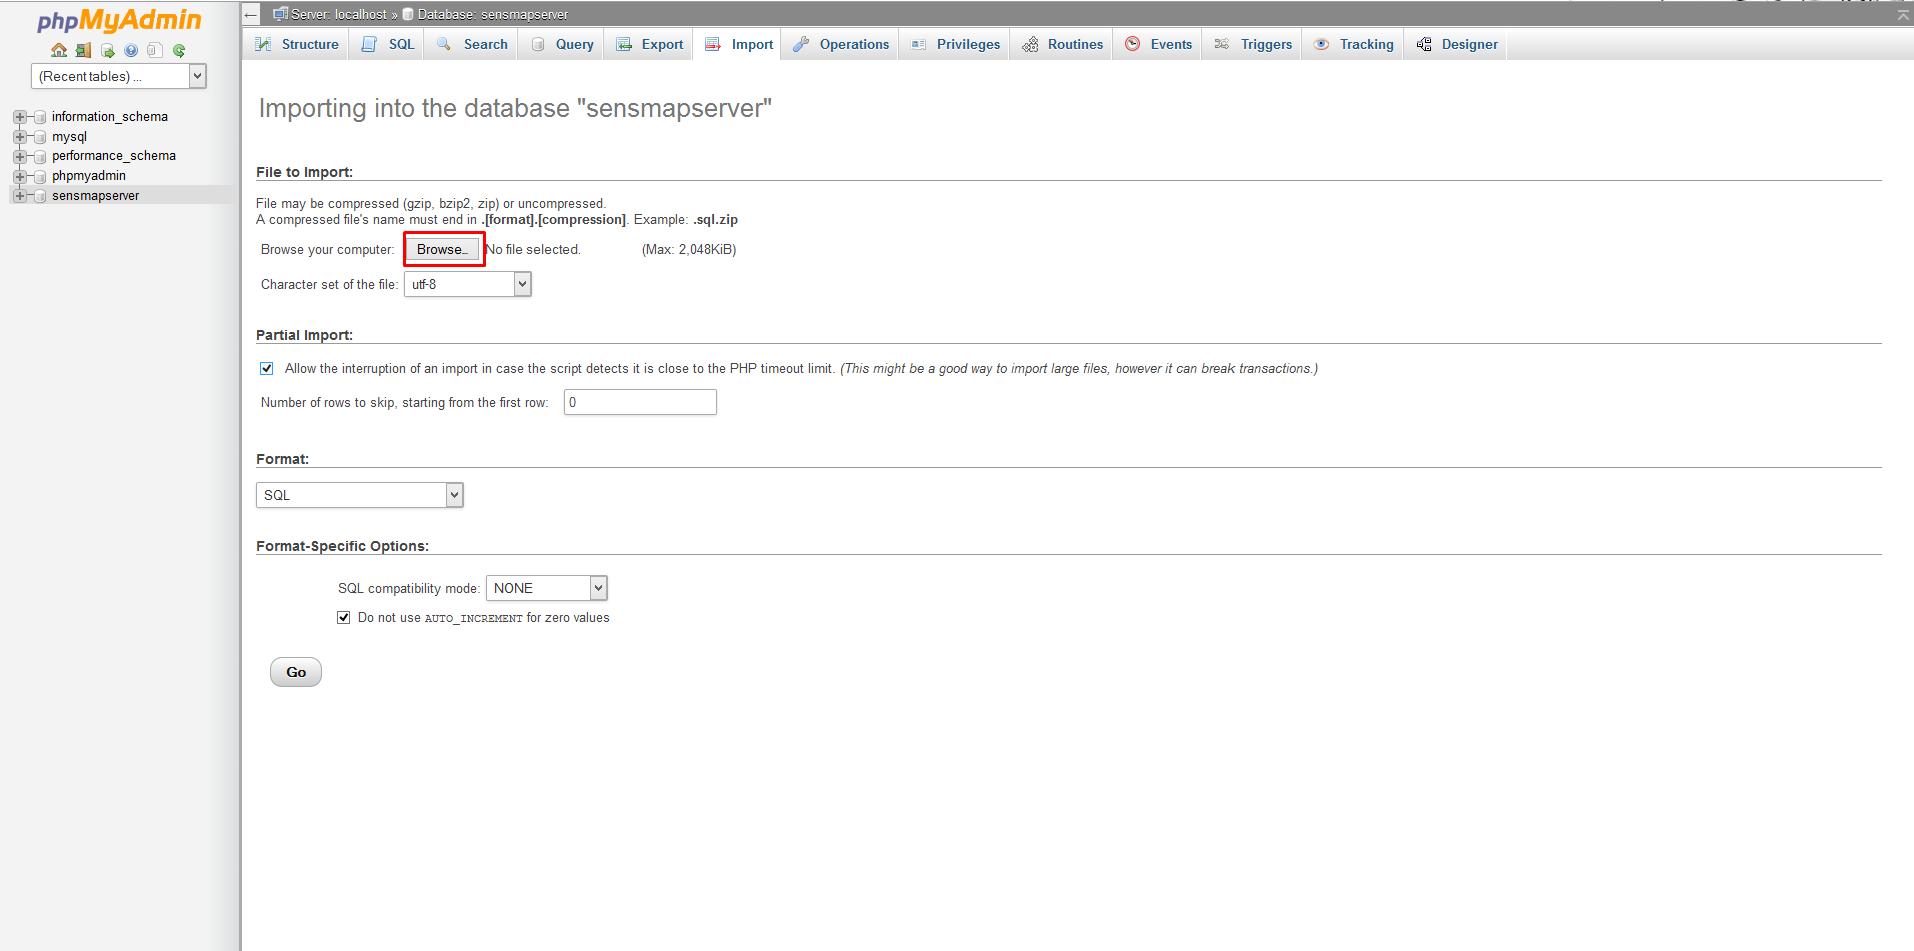 rtls_database_import